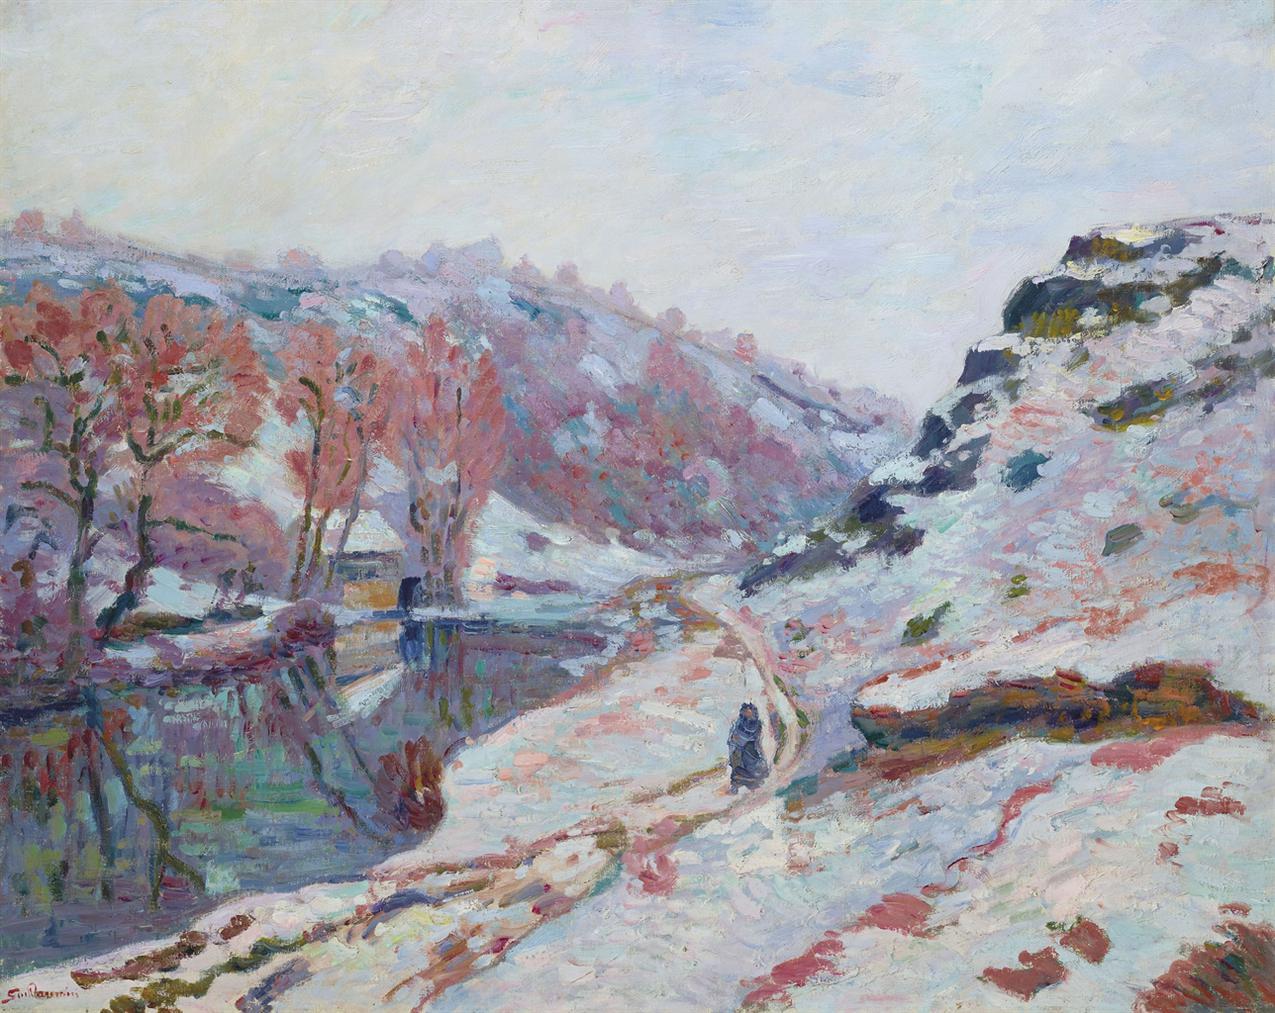 Jean-Baptiste Armand Guillaumin-La Vallee De La Sedelle Sous La Neige, Creuse-1905